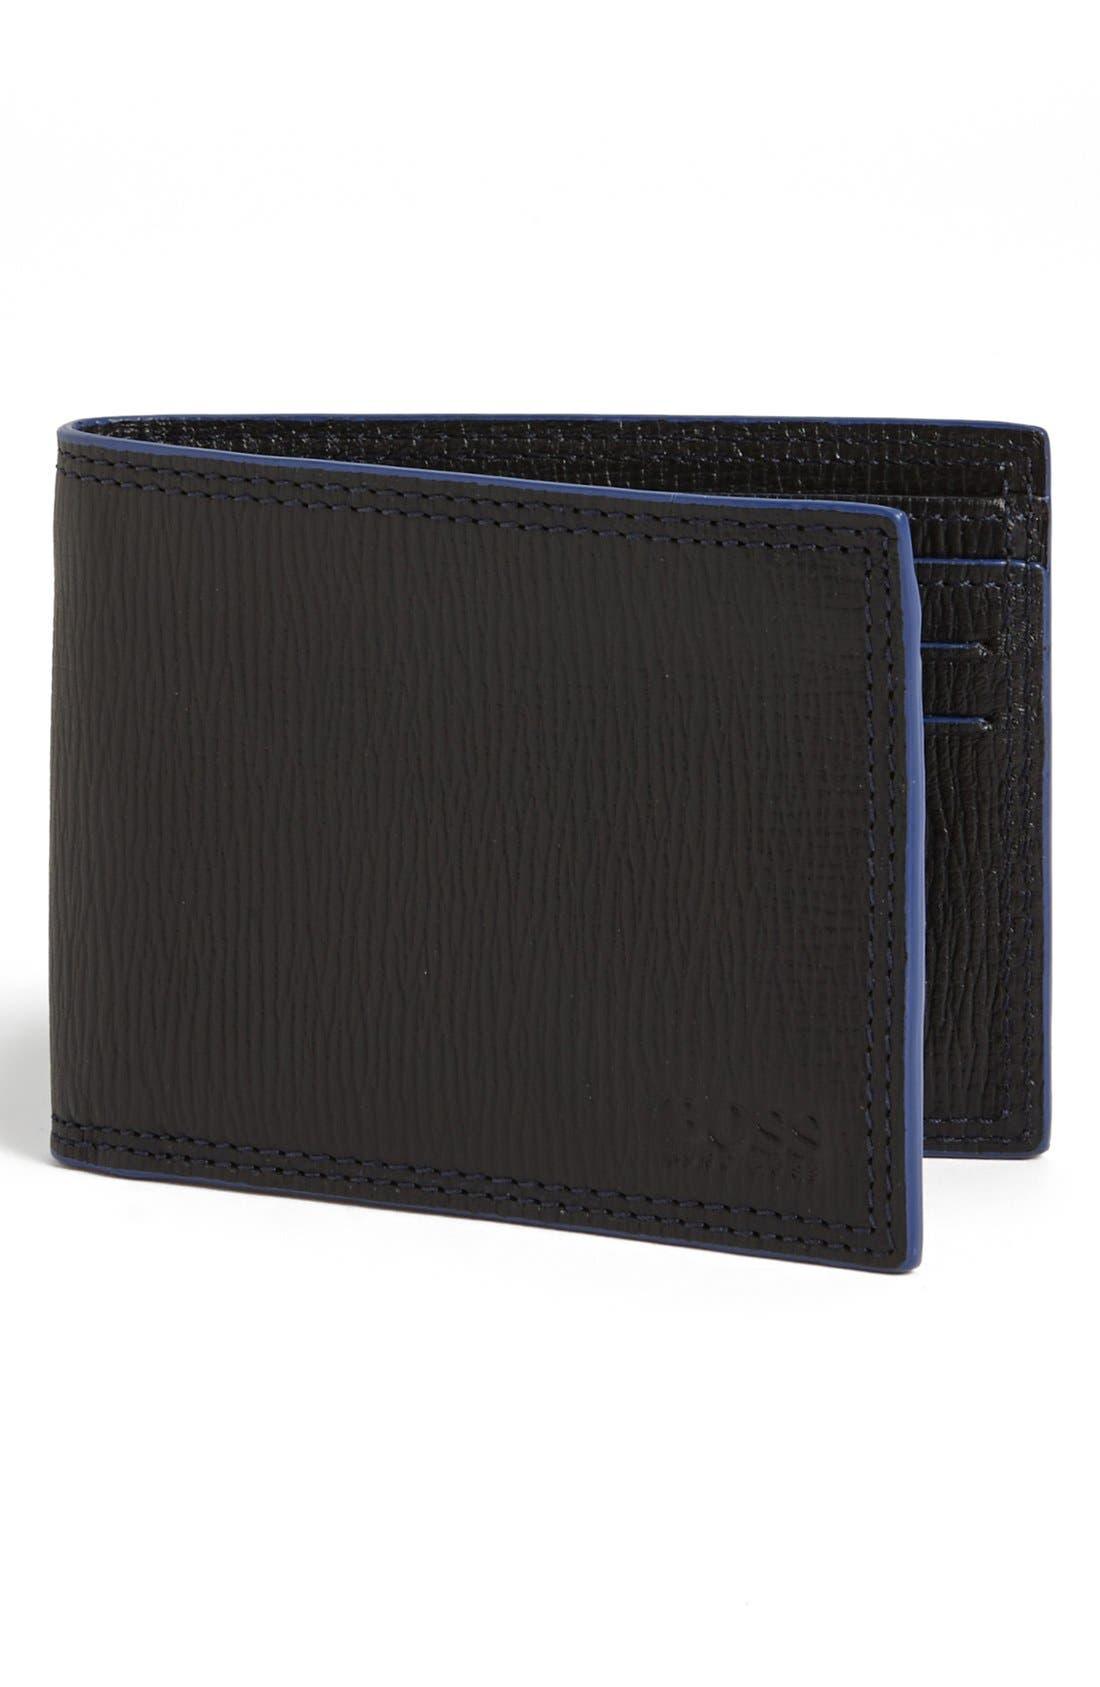 Alternate Image 1 Selected - BOSS HUGO BOSS 'Prenson' Wallet